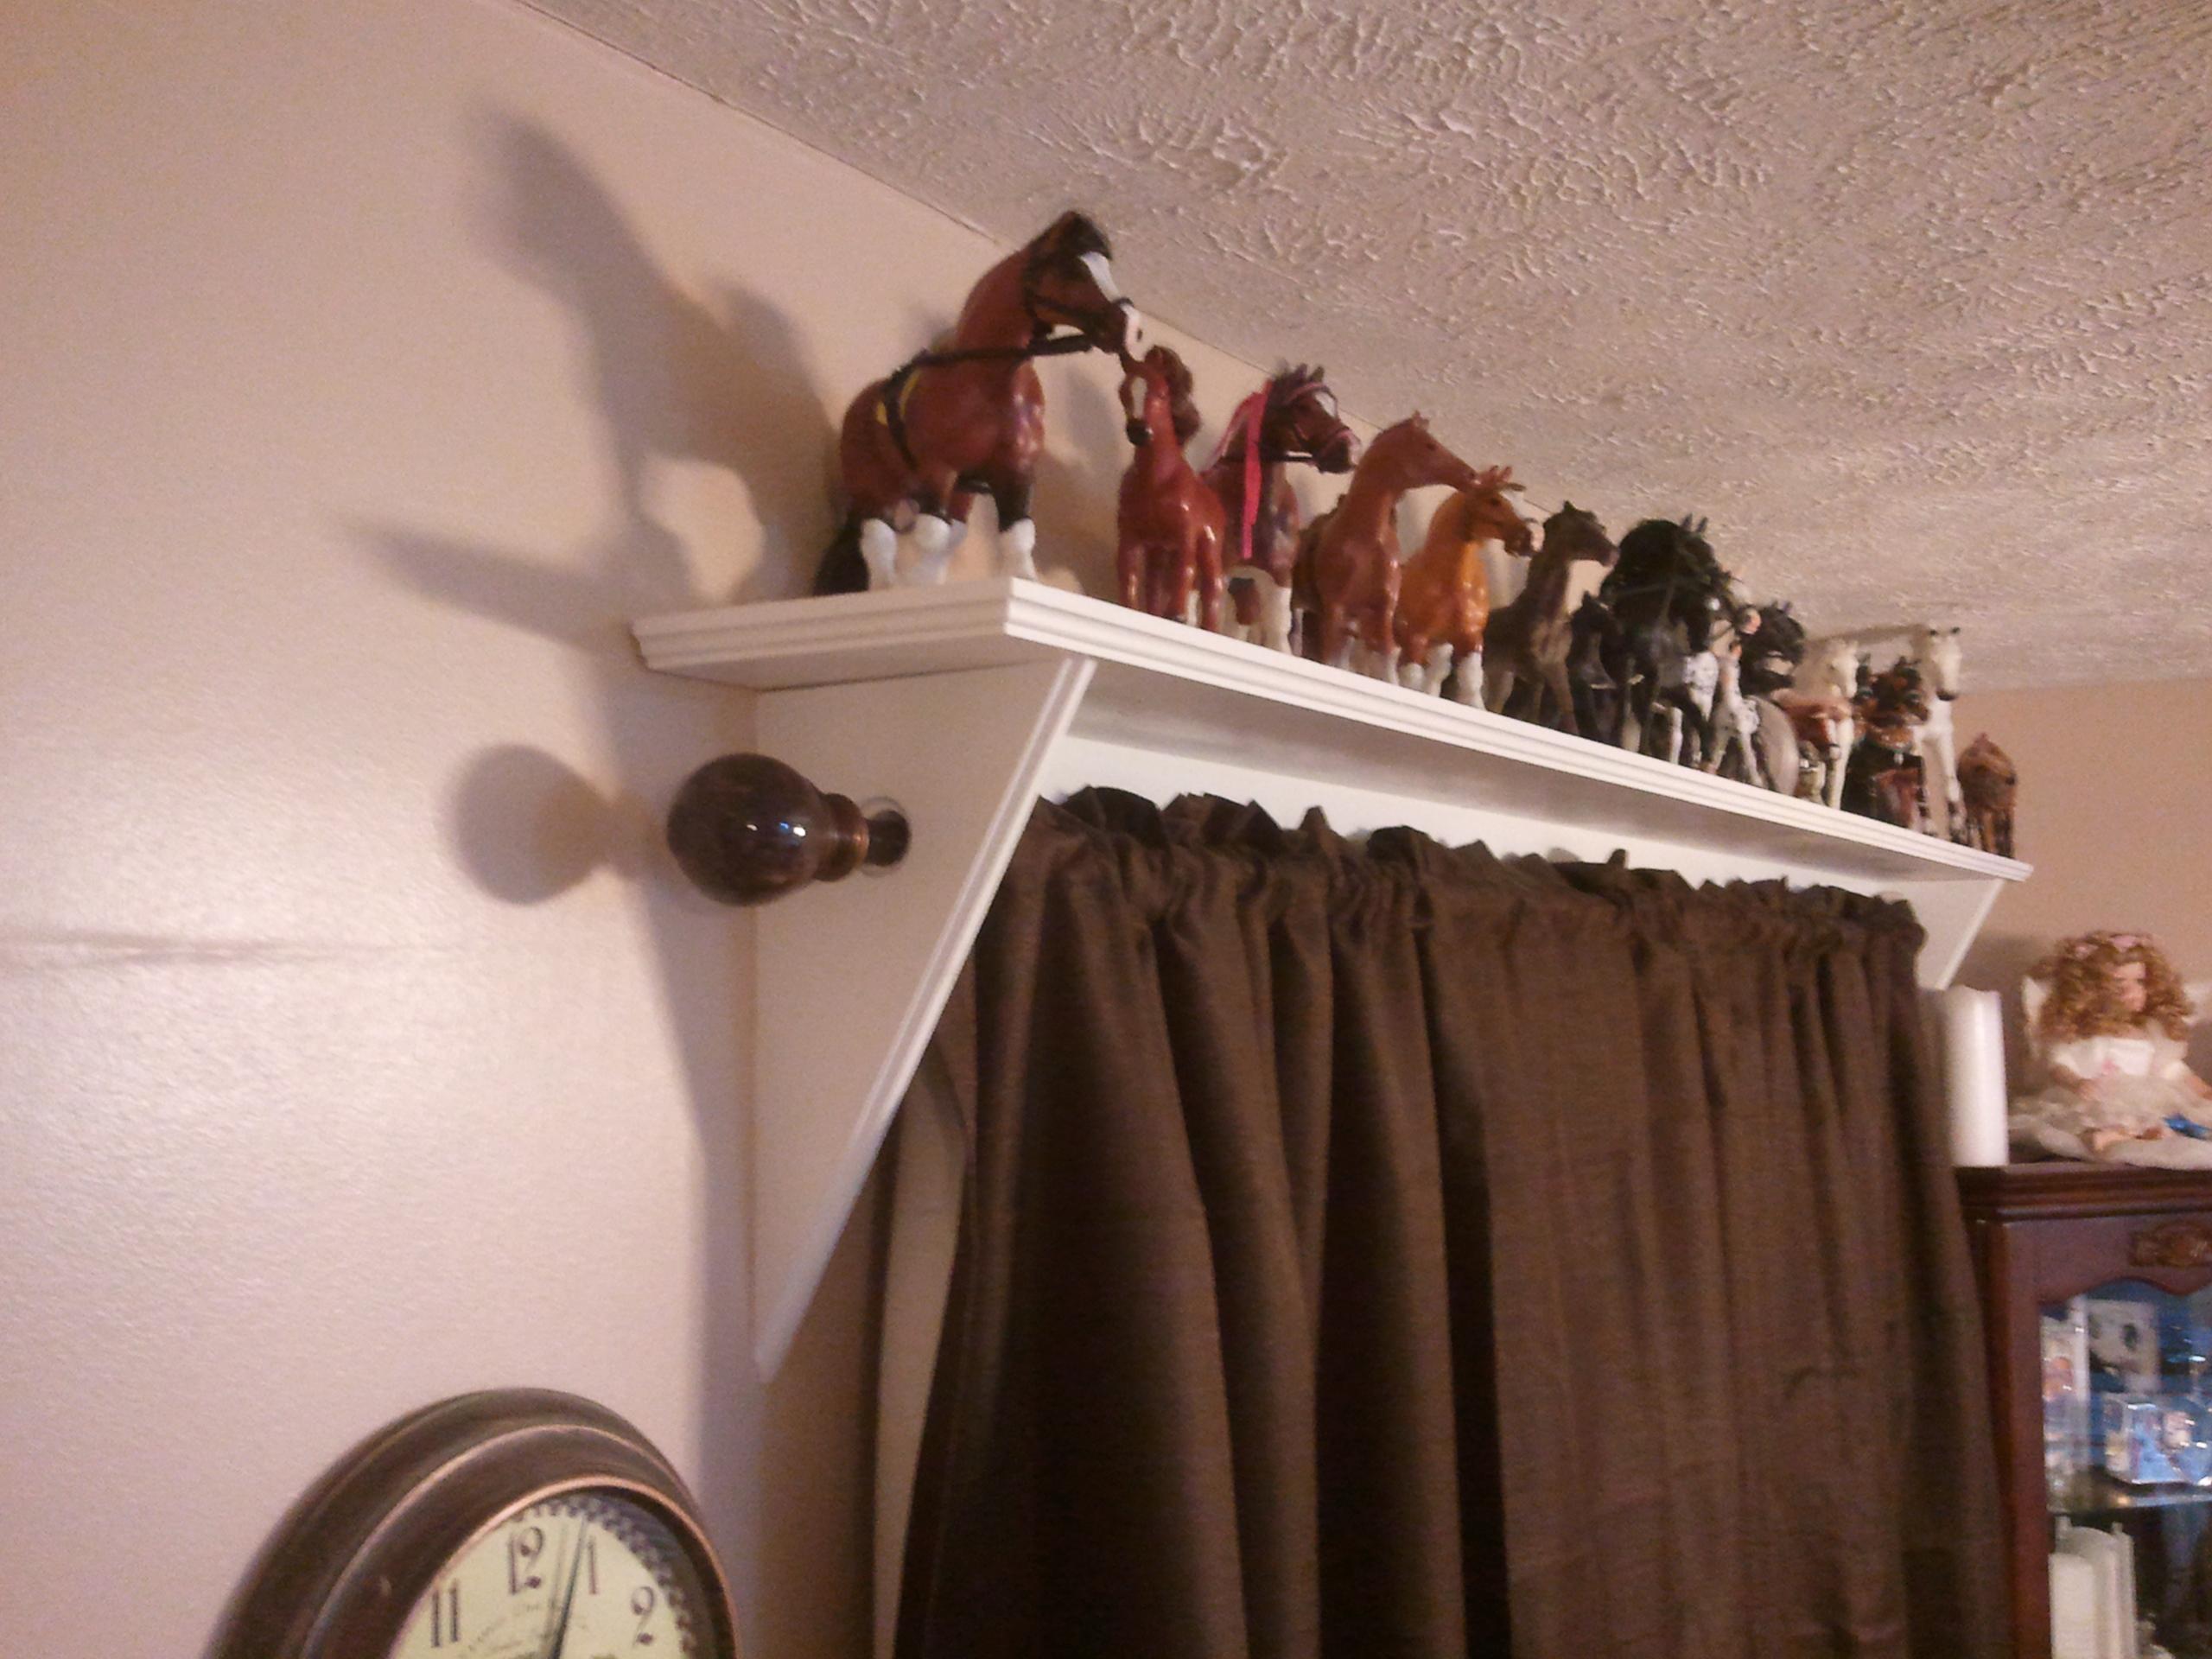 Shelves Curtain Rod